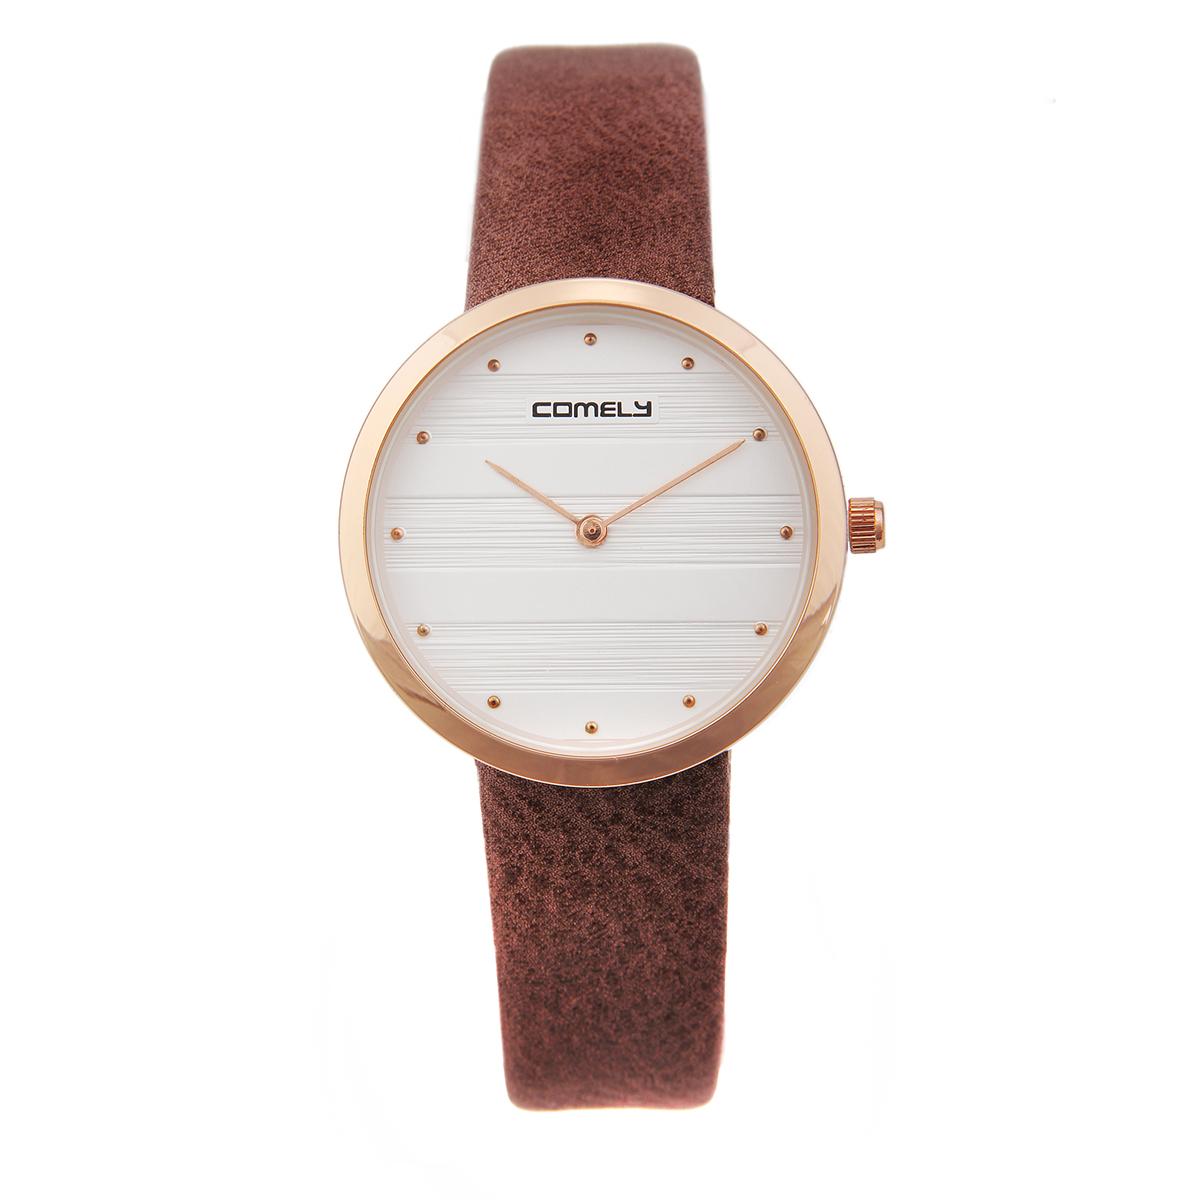 ساعت زنانه برند کاملی کد W1065